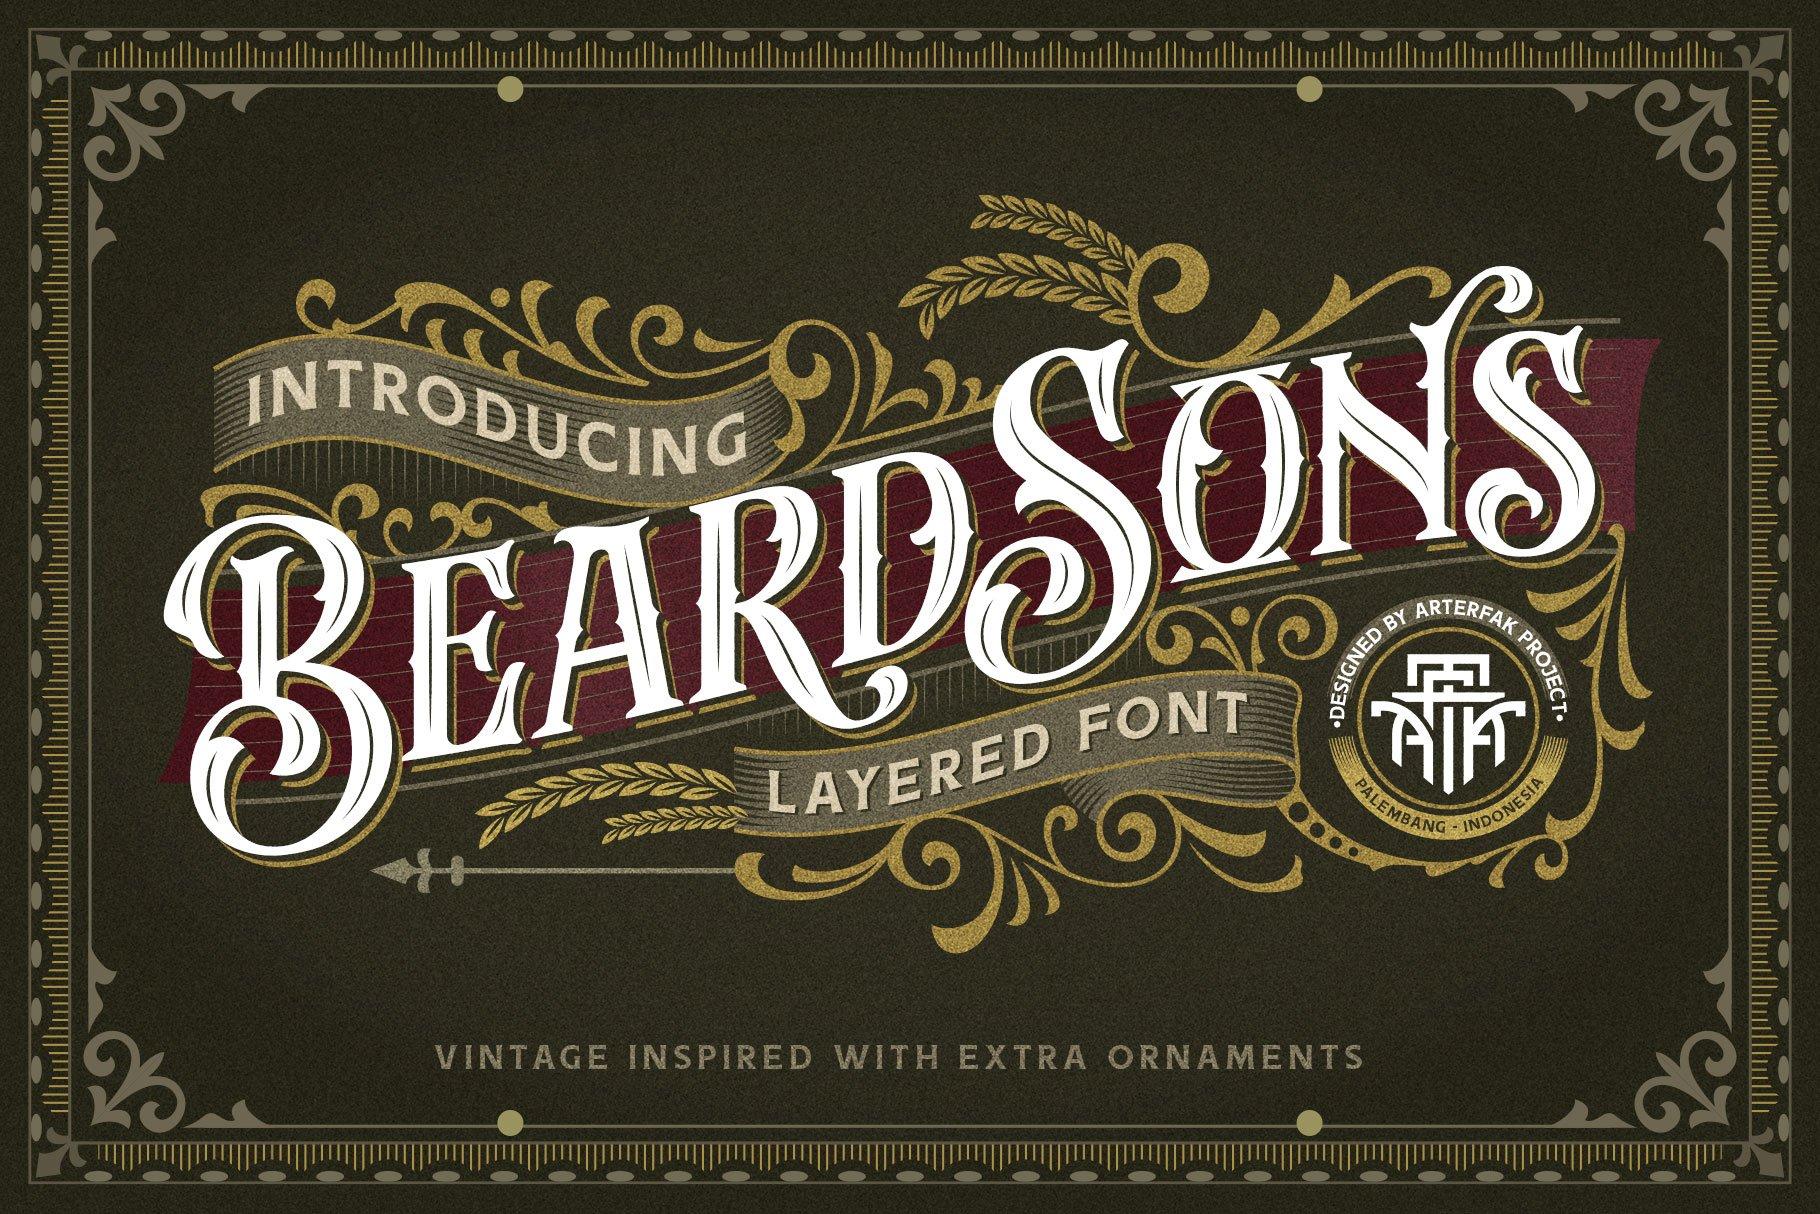 Beardsons Layered Font -1